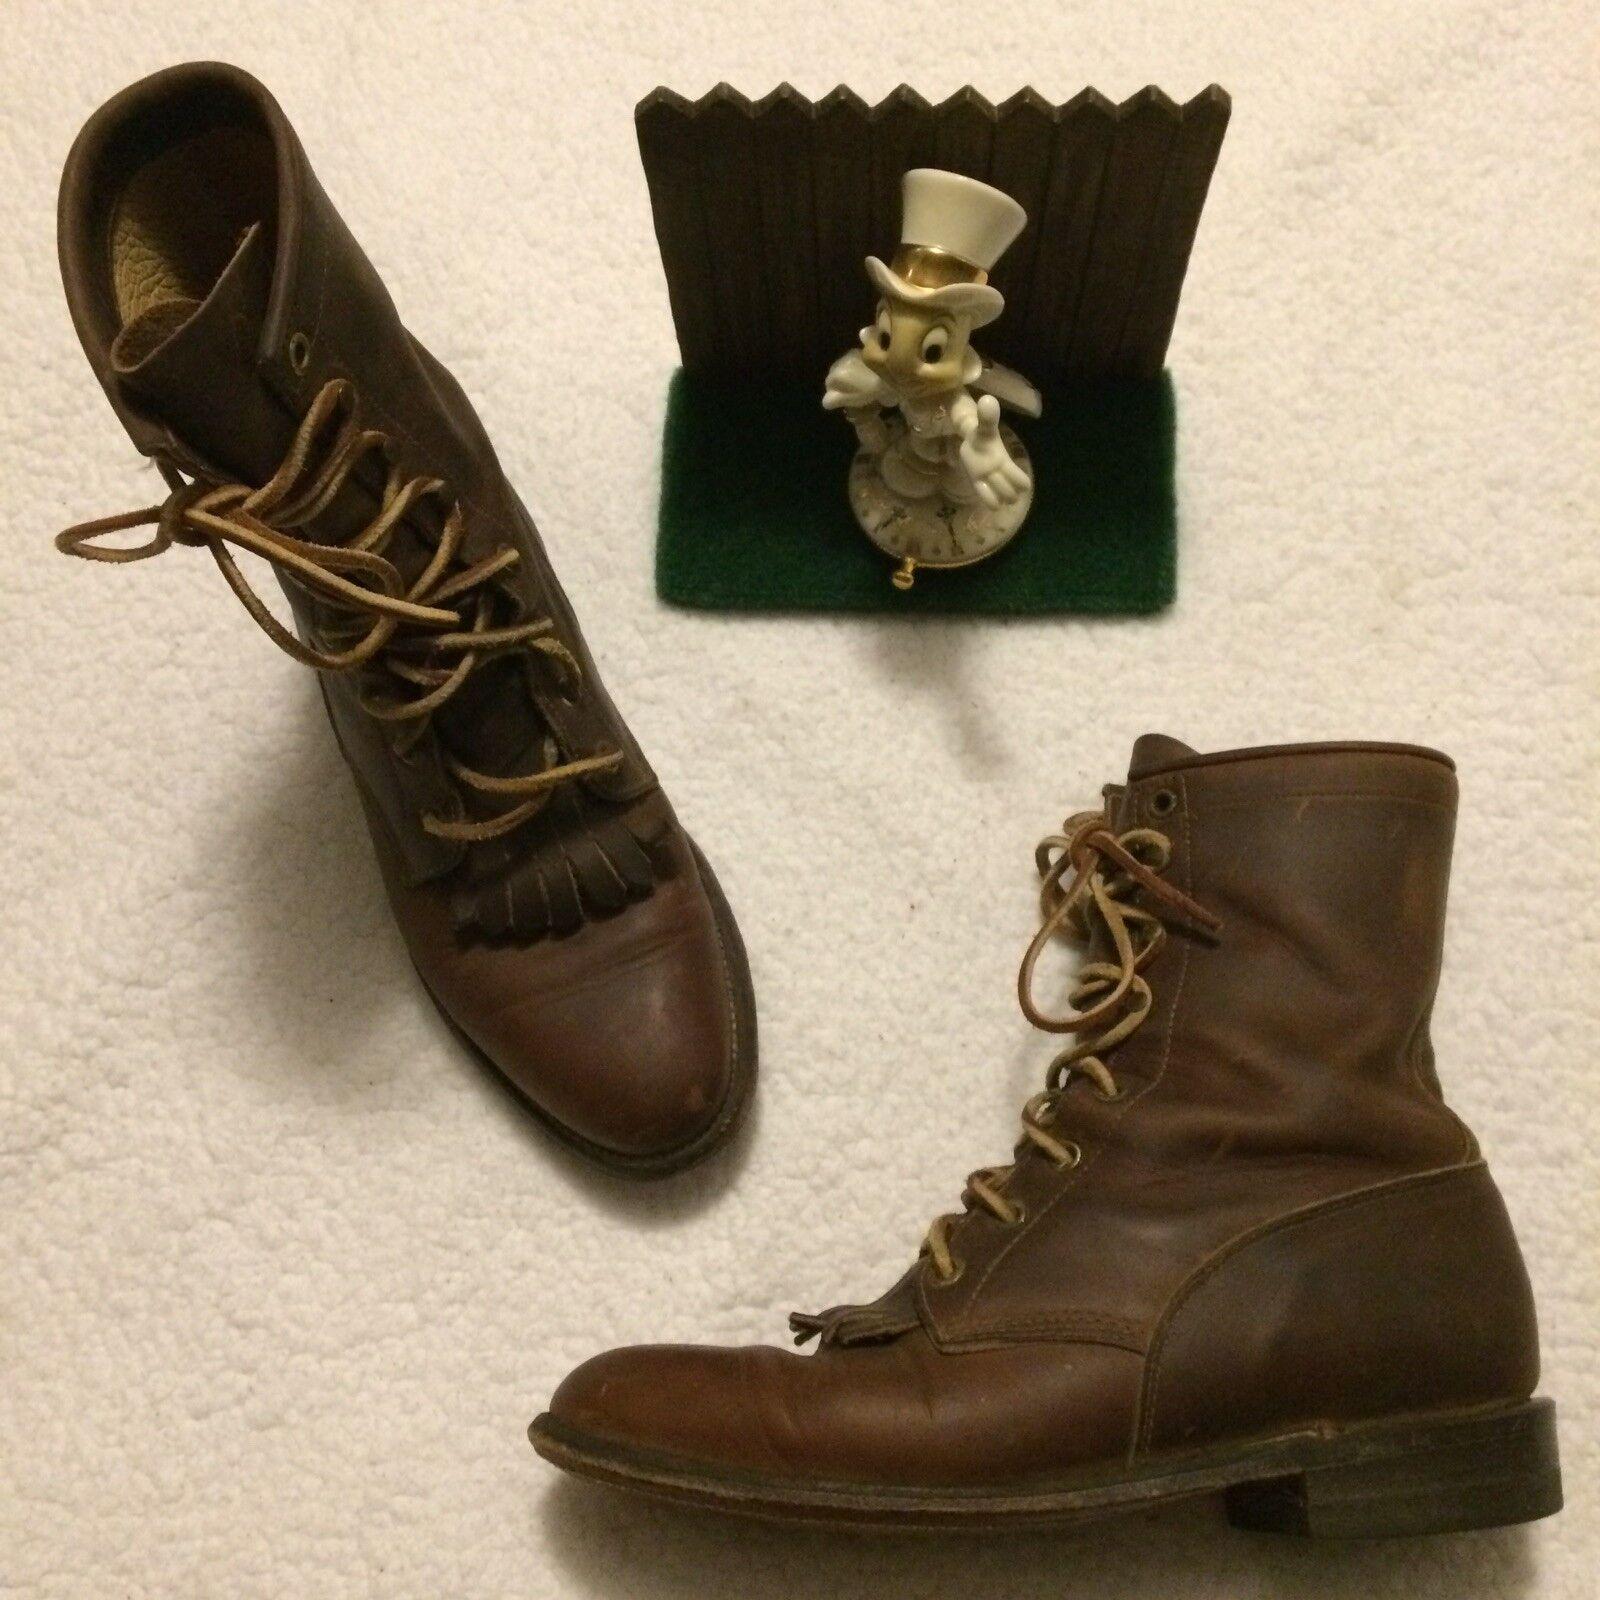 Justin para mujer Roper 35279 Laceup botas De Vaquero botas de buen tamaño 7.5 B